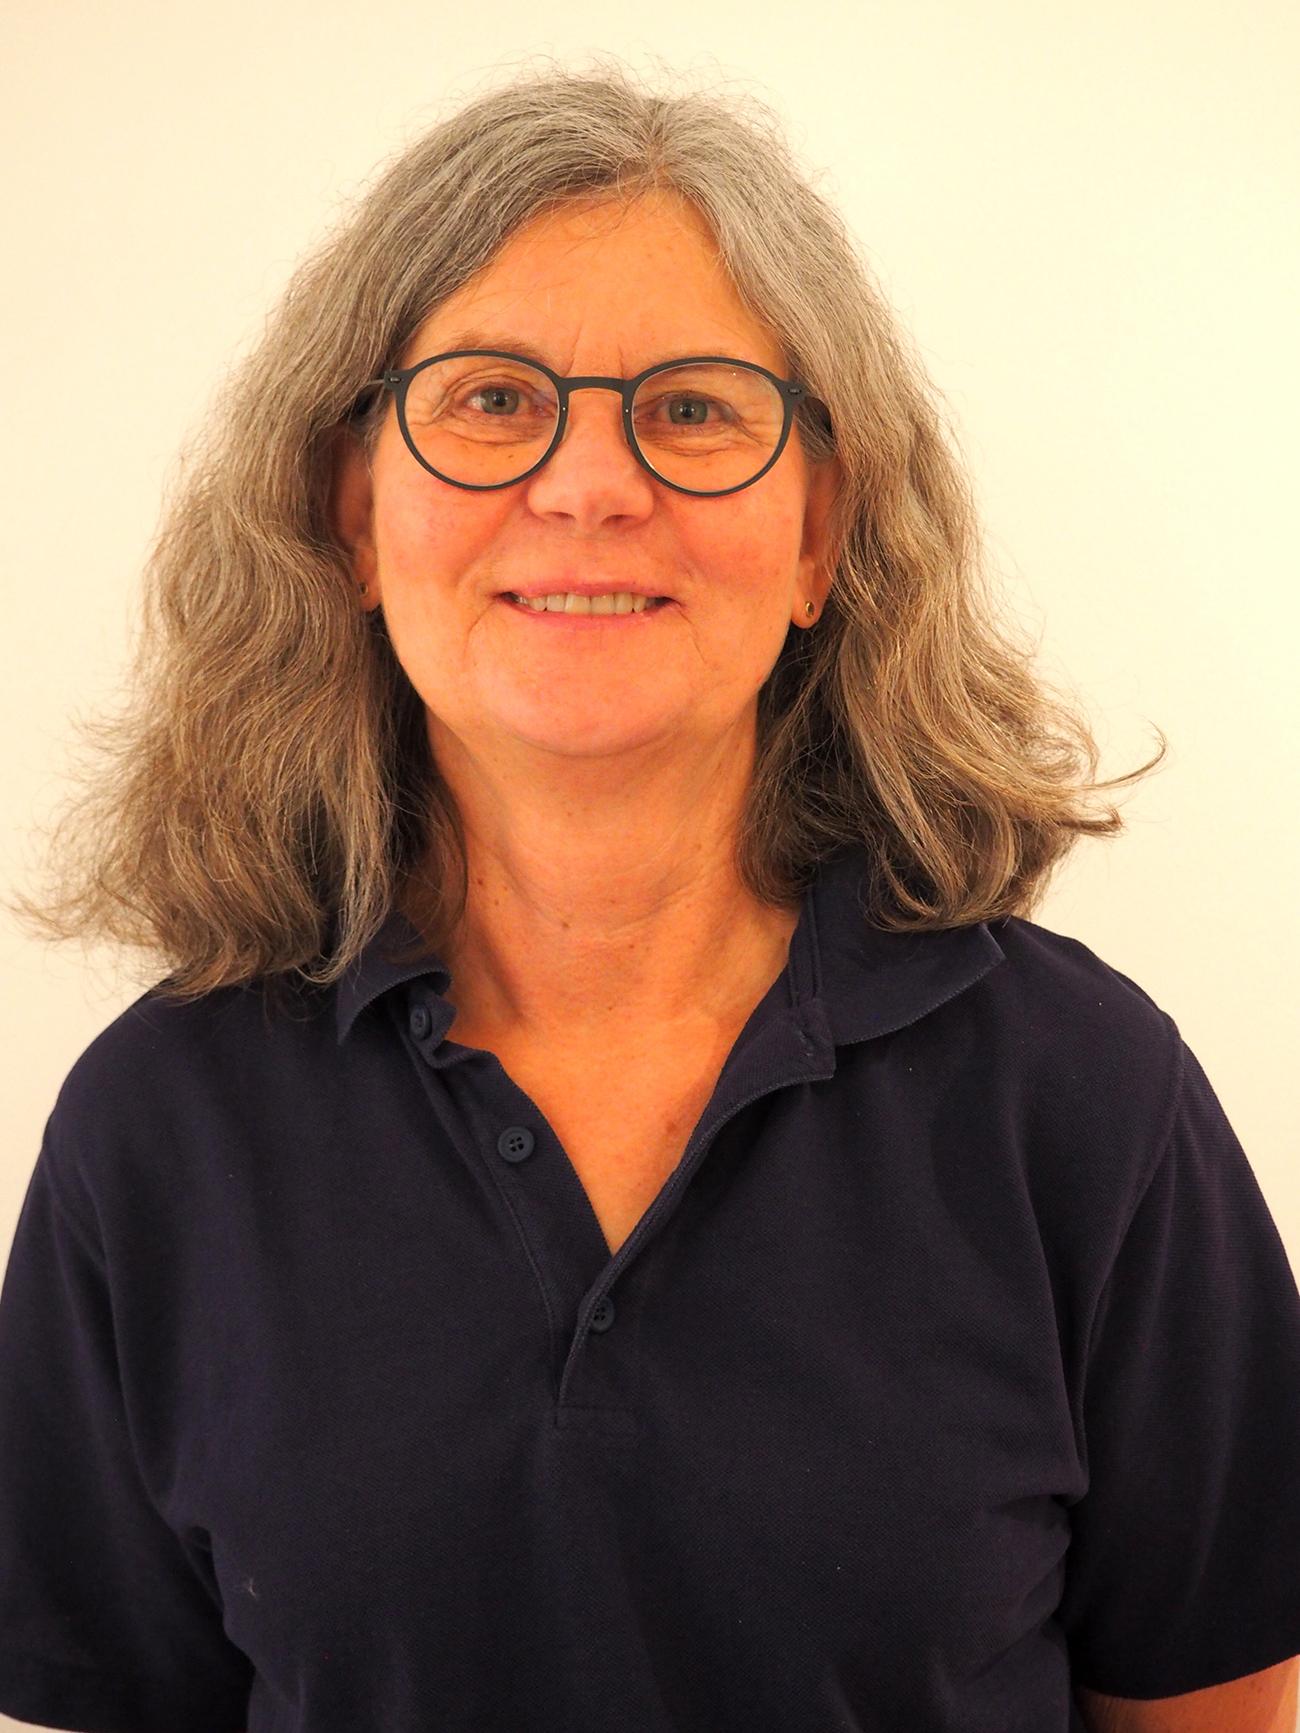 Lene Petersen Sygeplejerske